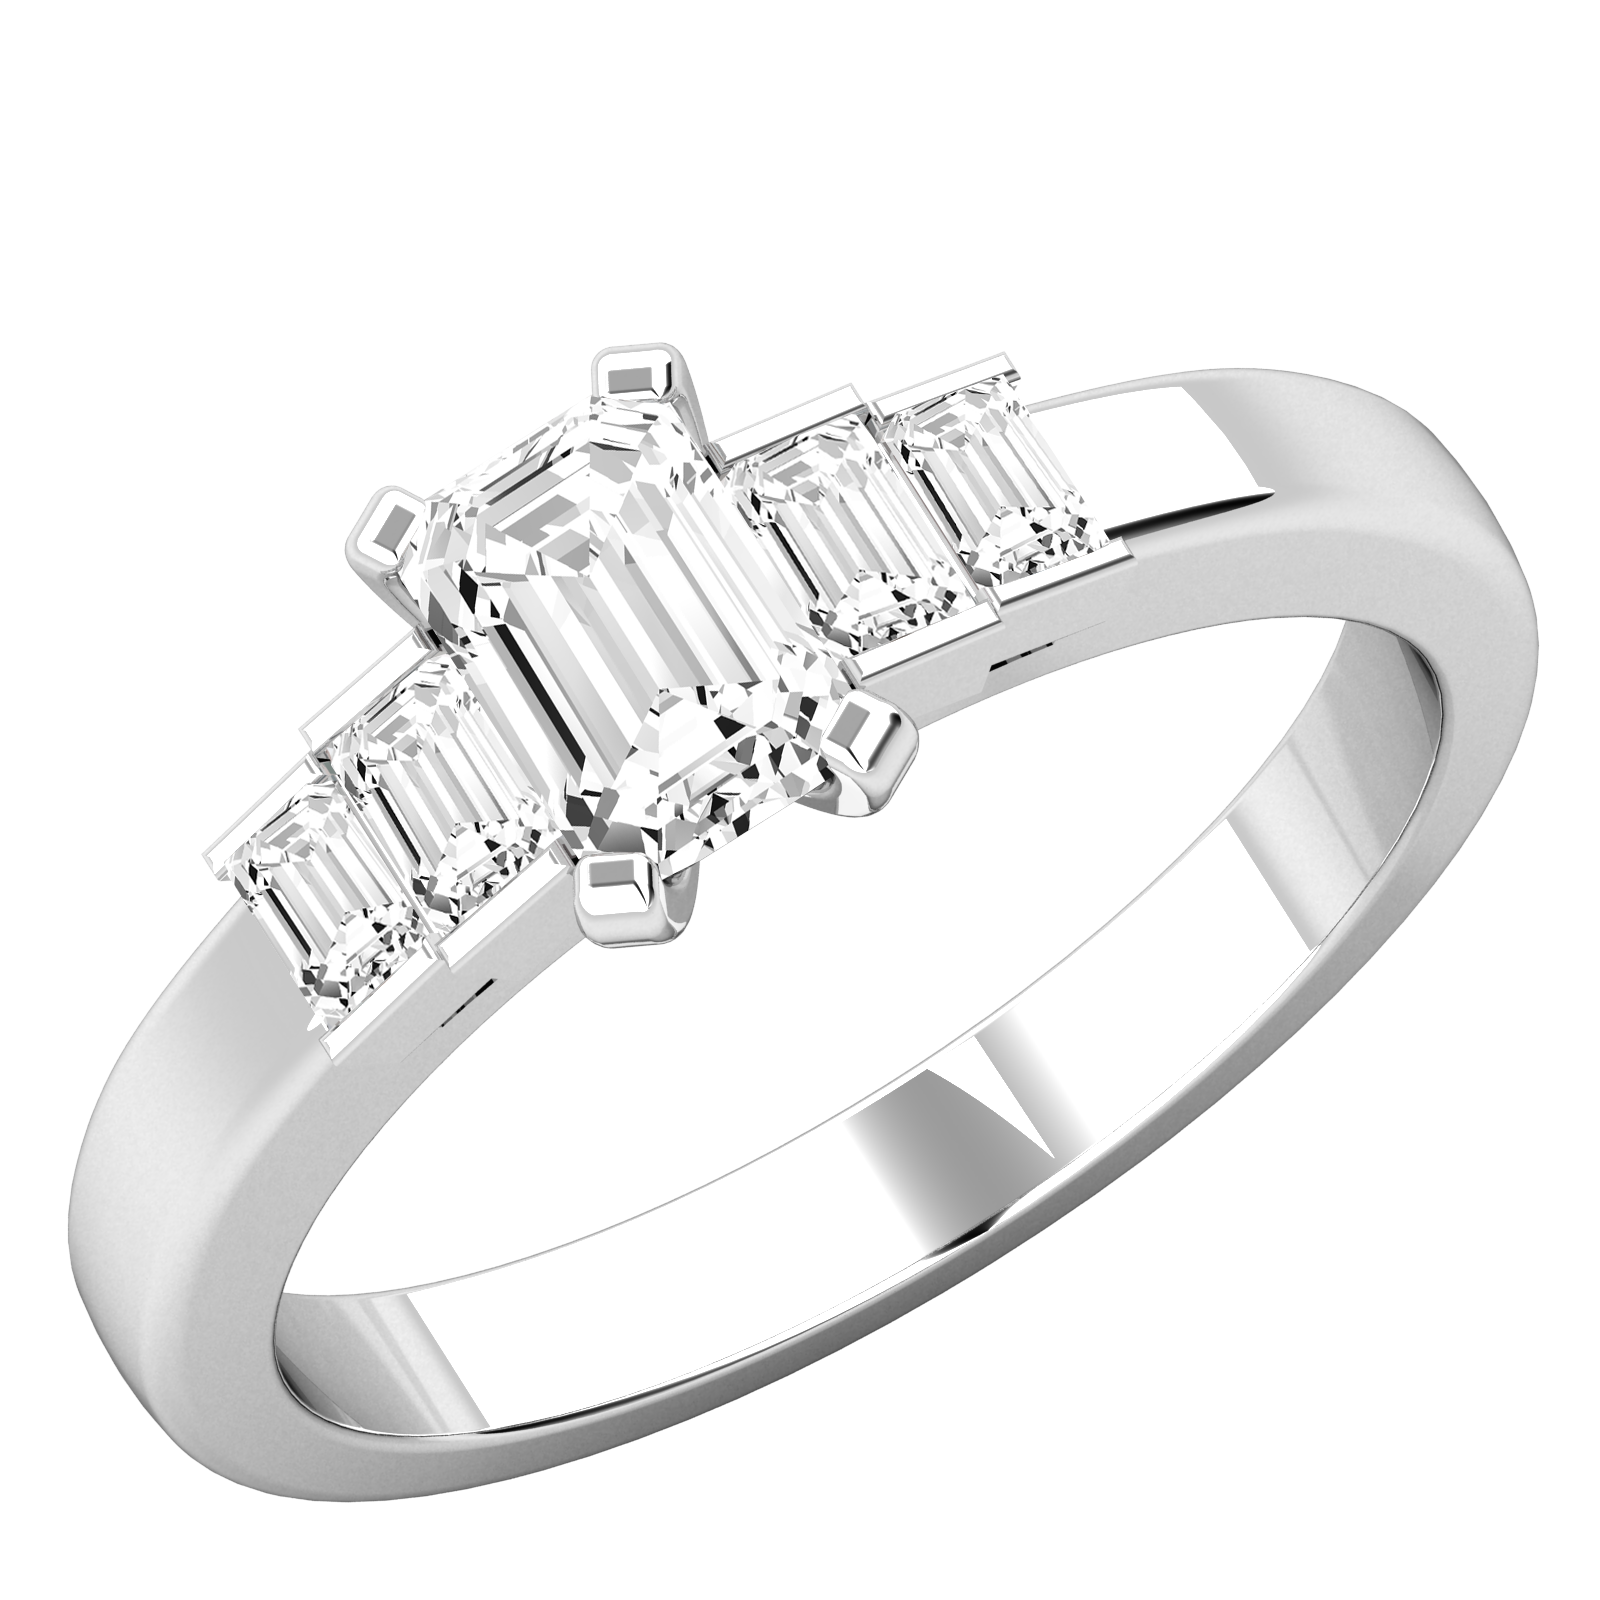 Diamantenring für Dame in Platin mit einem Smaragd Schliff Diamanten und vier Baguette Schliff Diamanten-img1